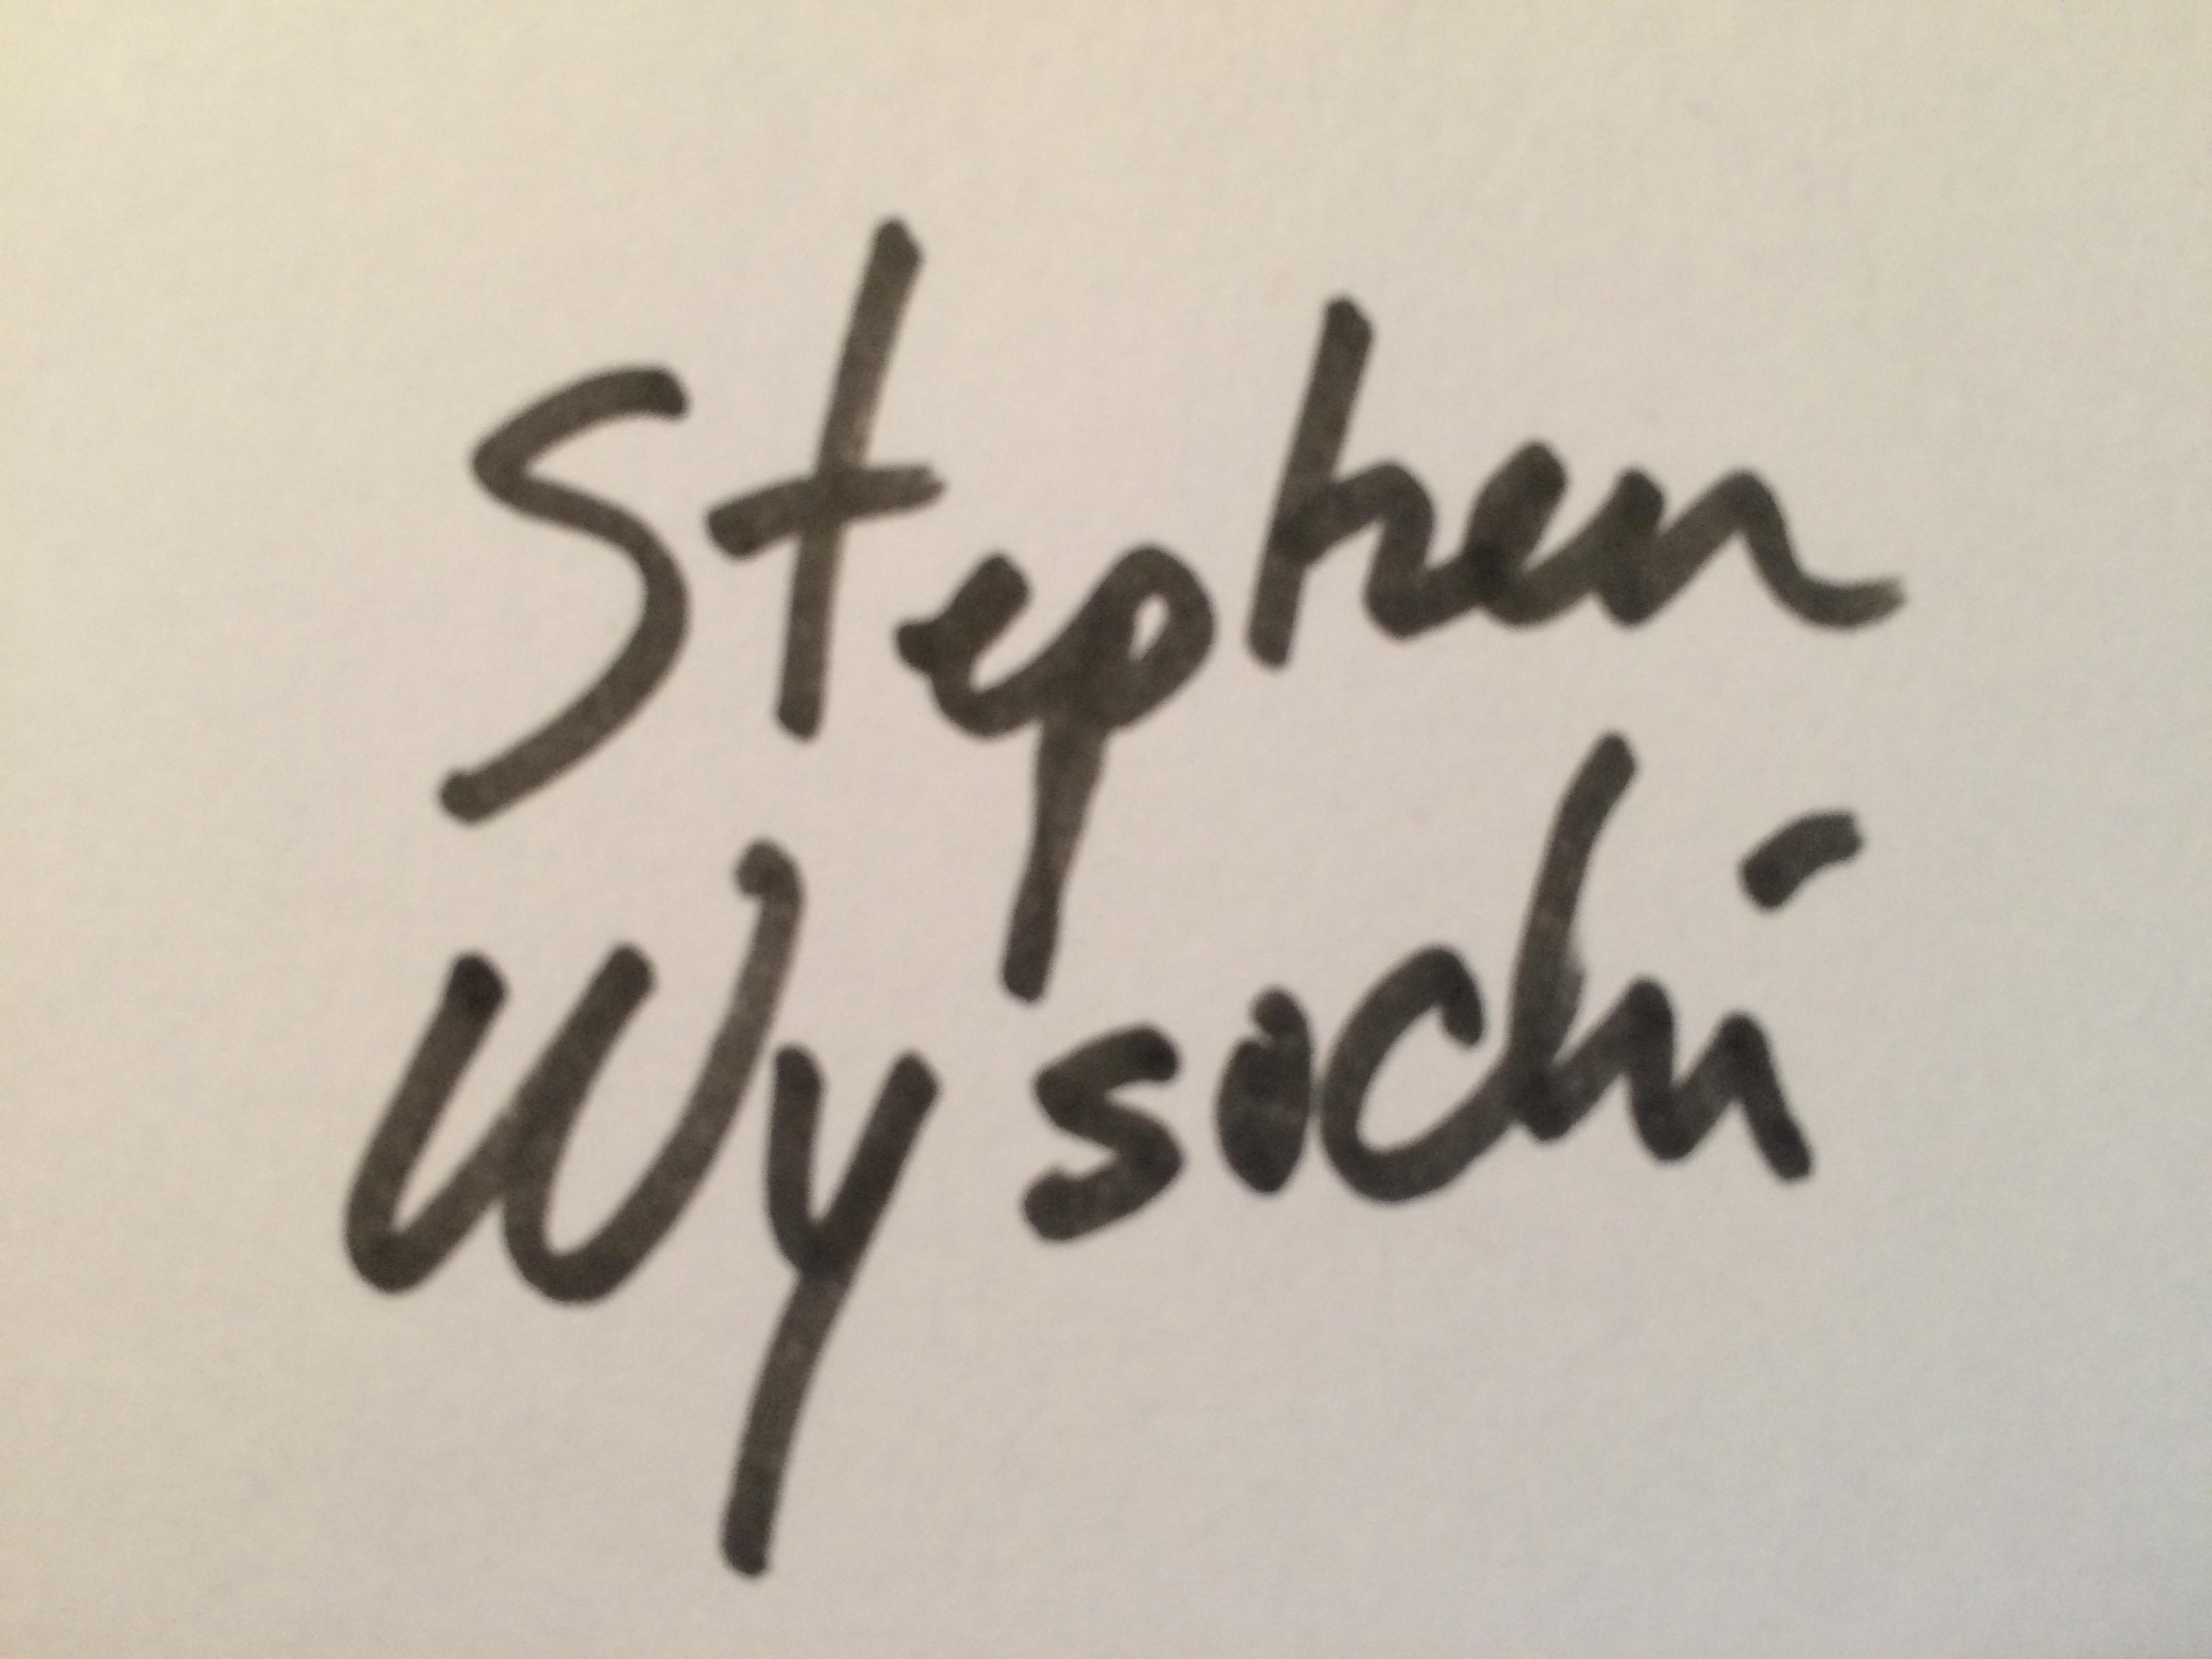 Stephen Wysocki's Signature